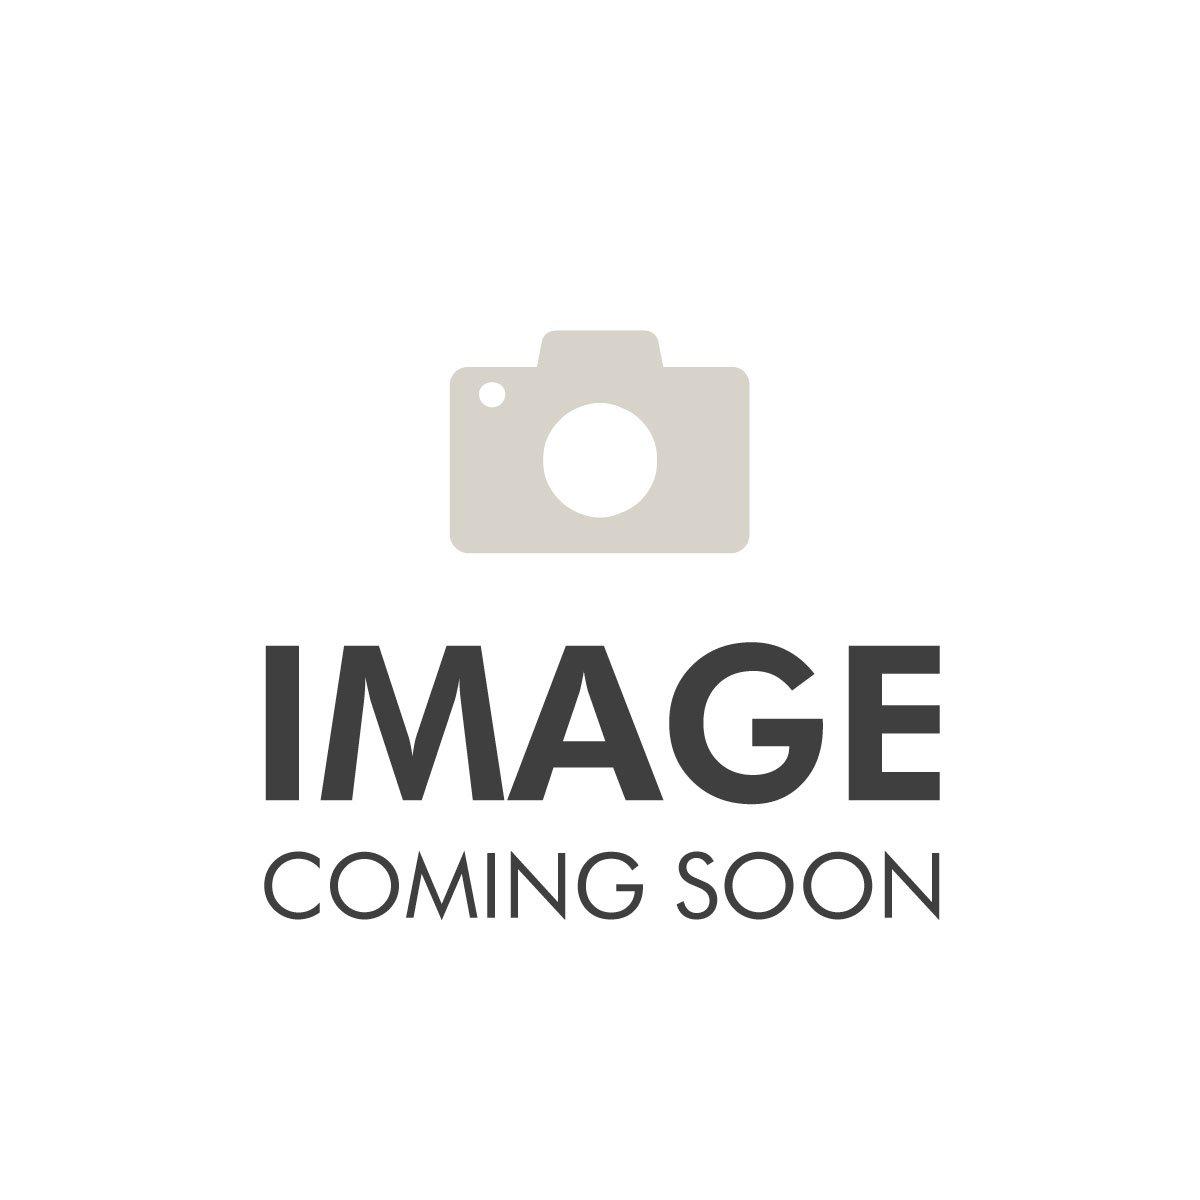 Clarins Ombre Matte Eyeshadow 08 Heather